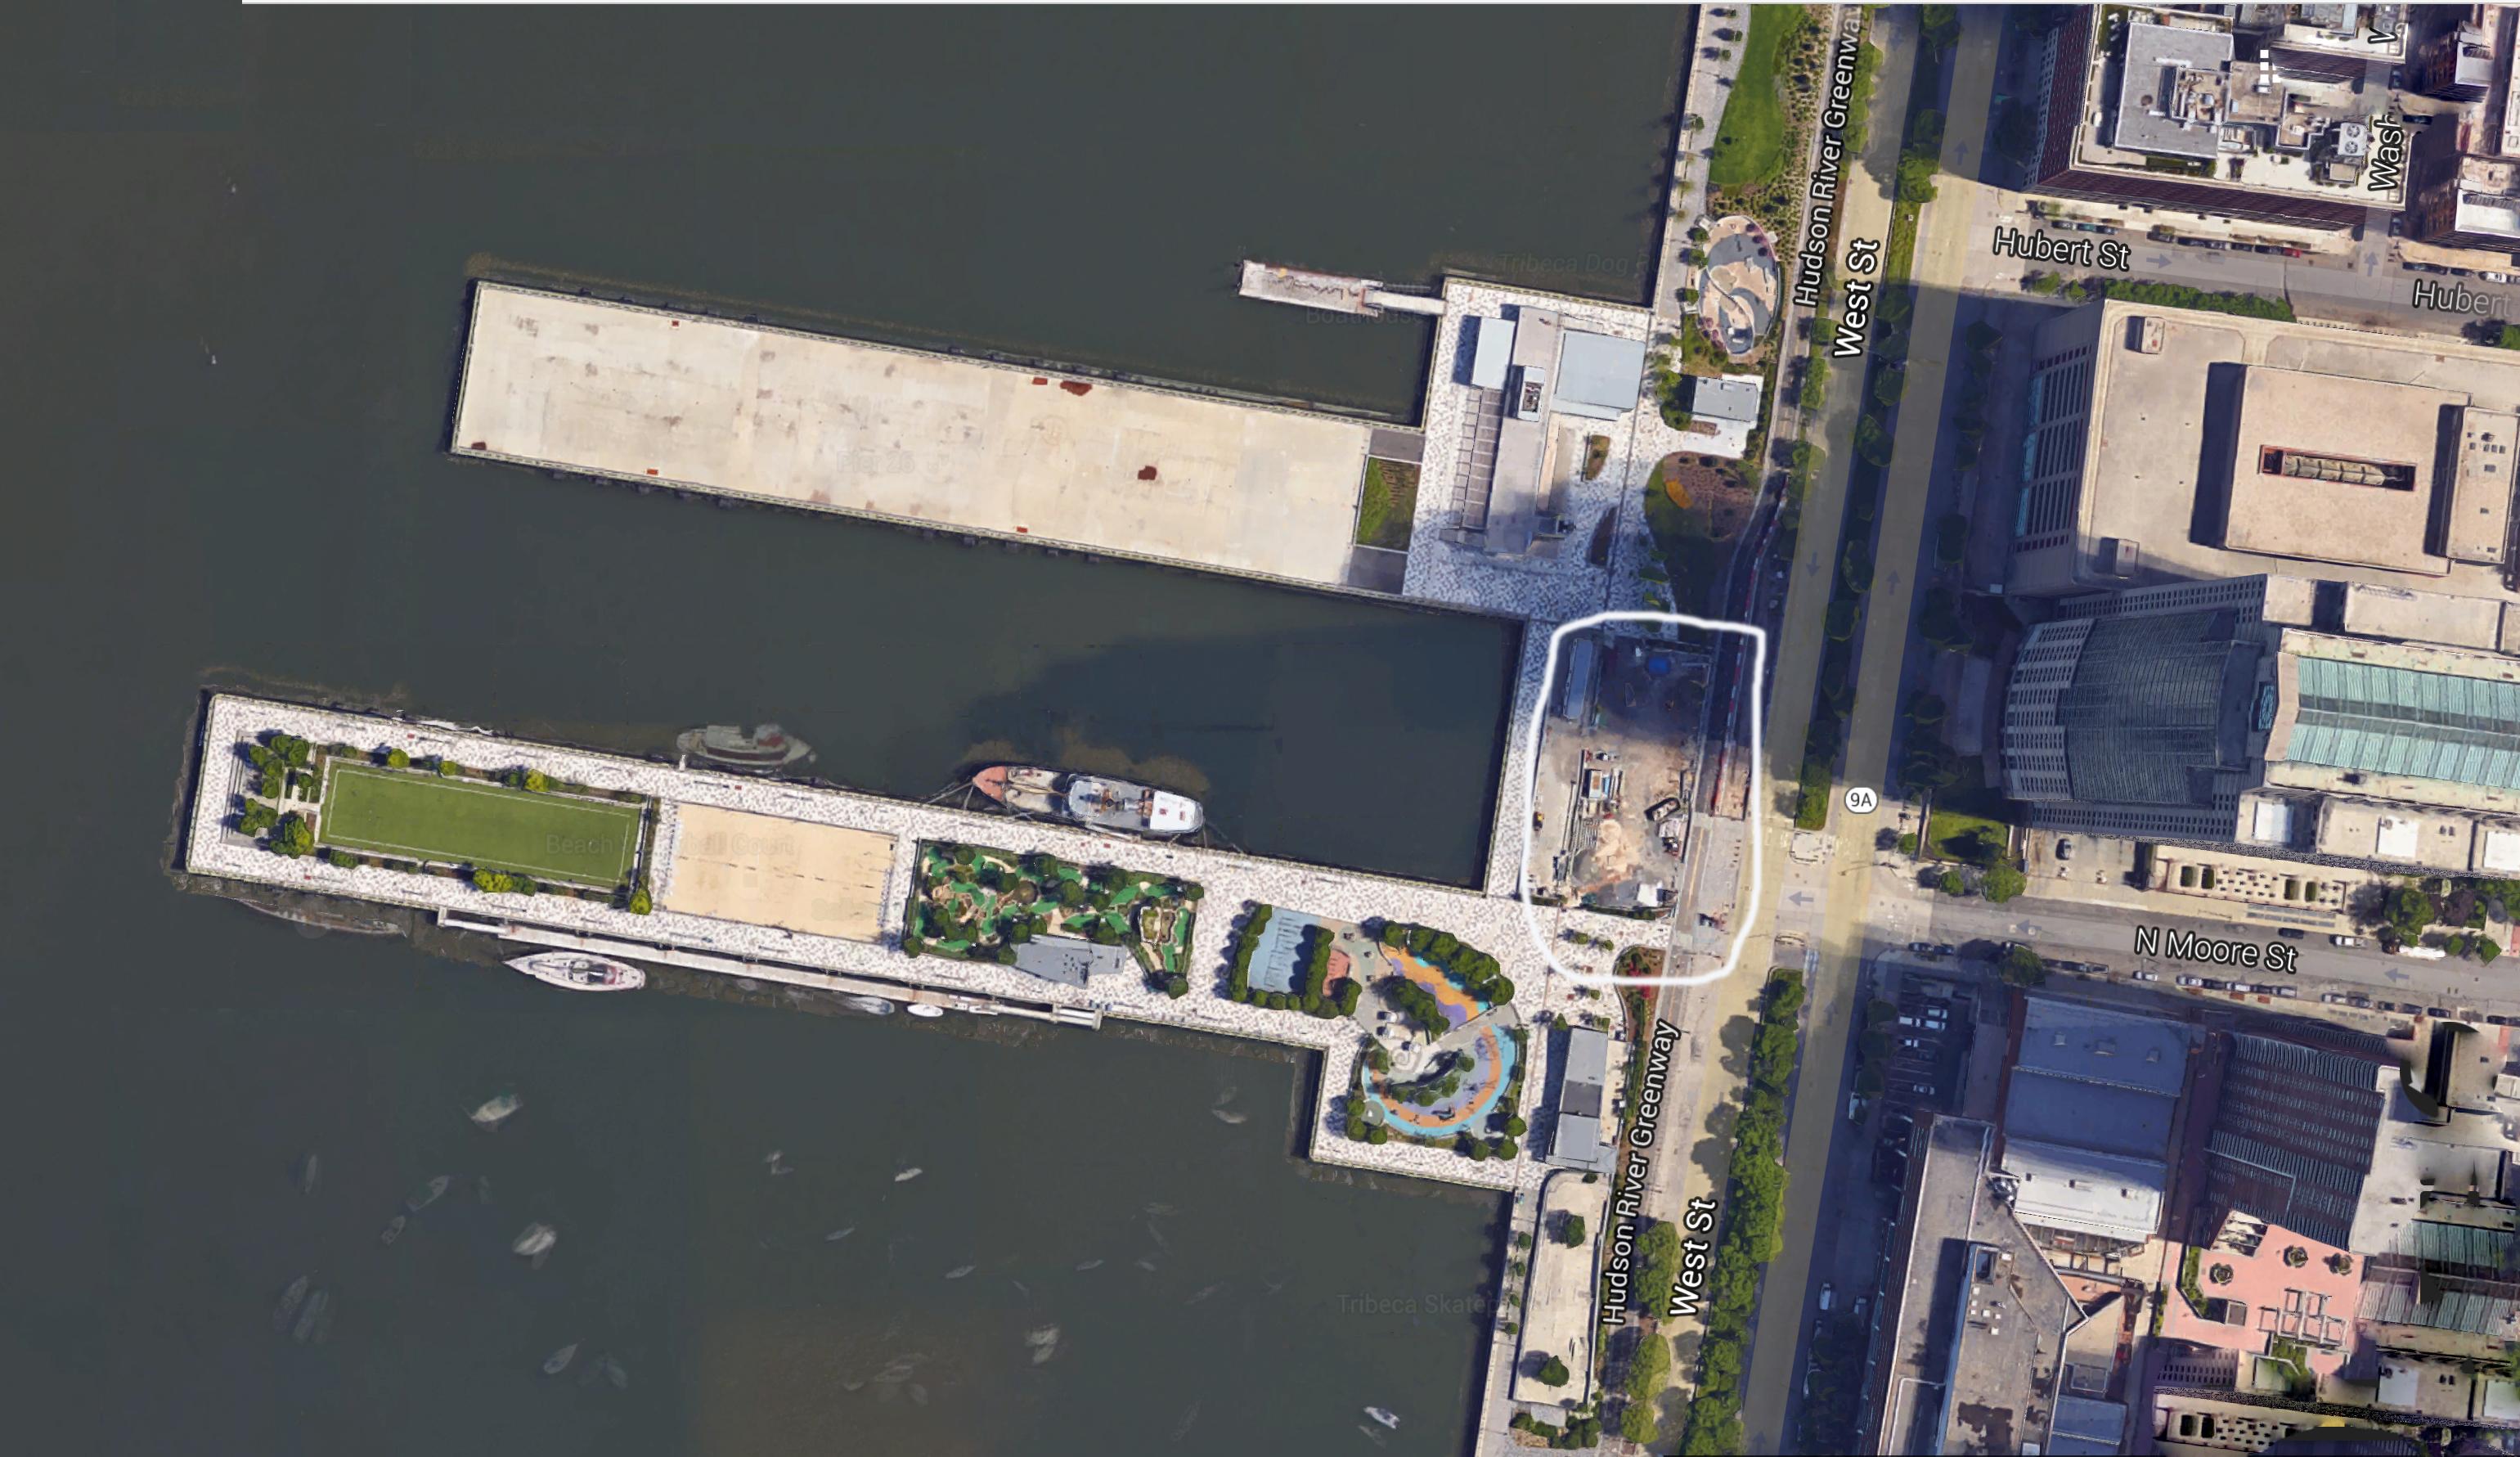 Pier 26 satellite